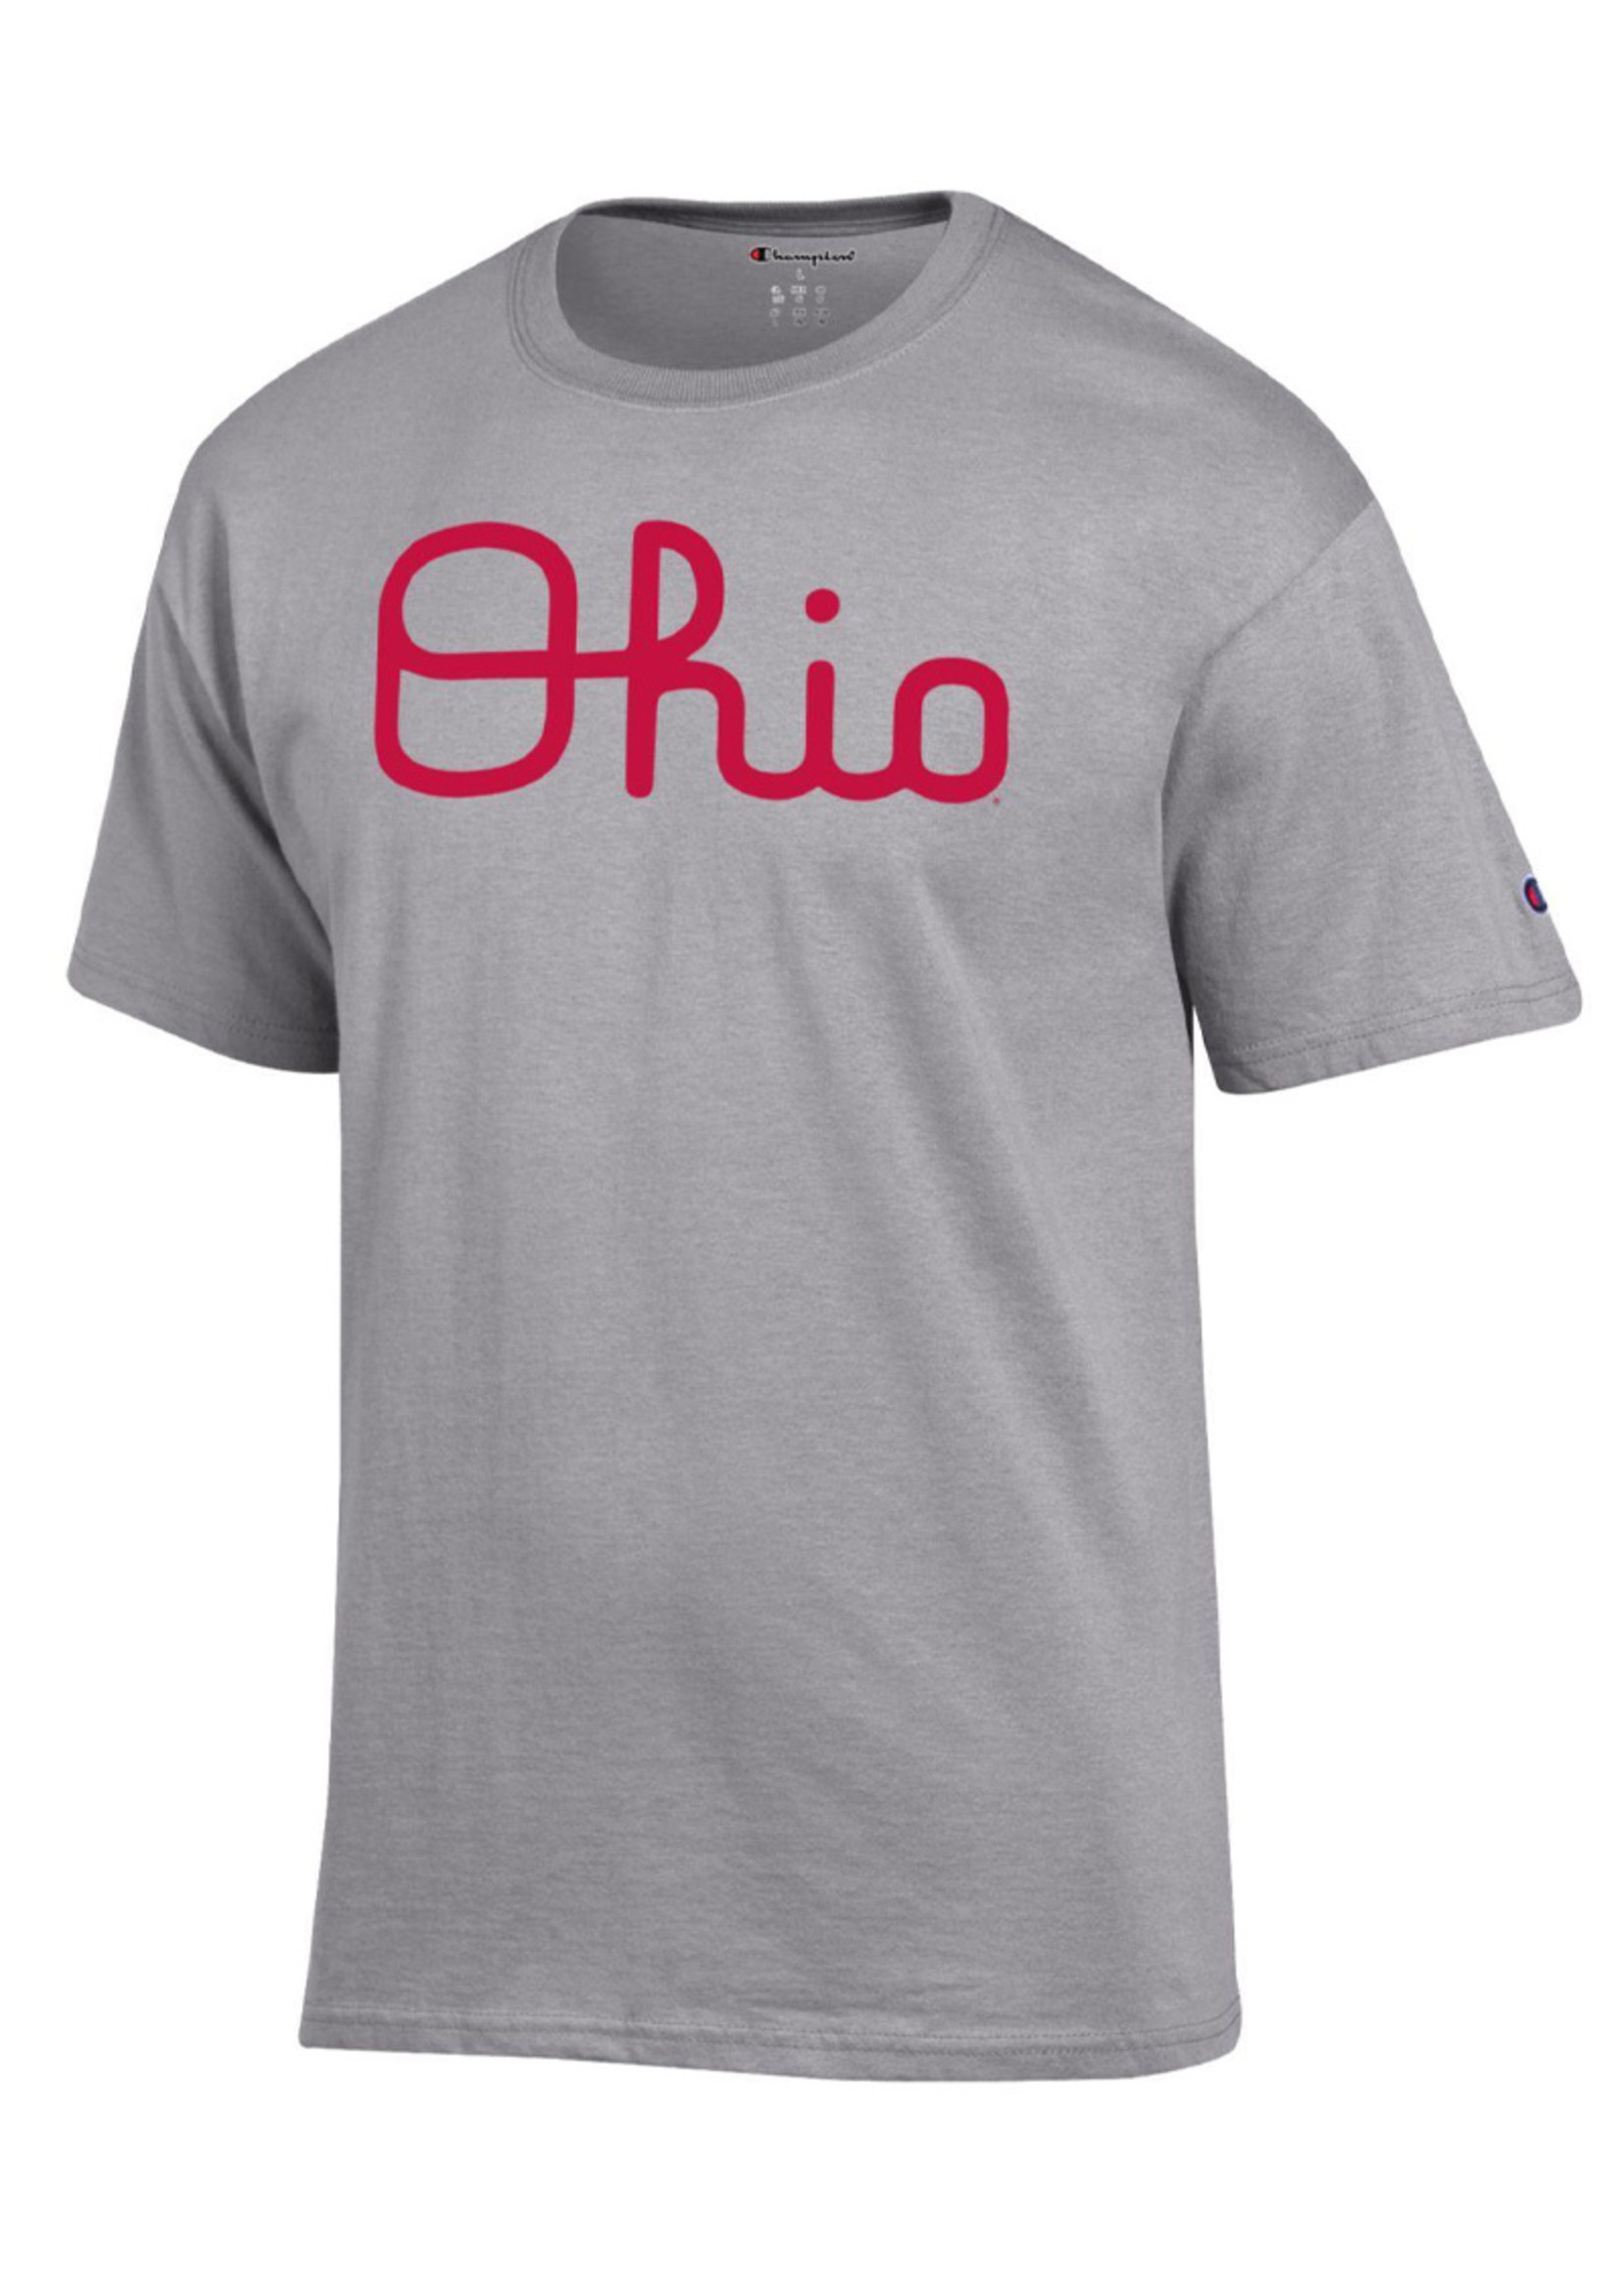 Champion Ohio State Buckeyes Script Ohio Tee